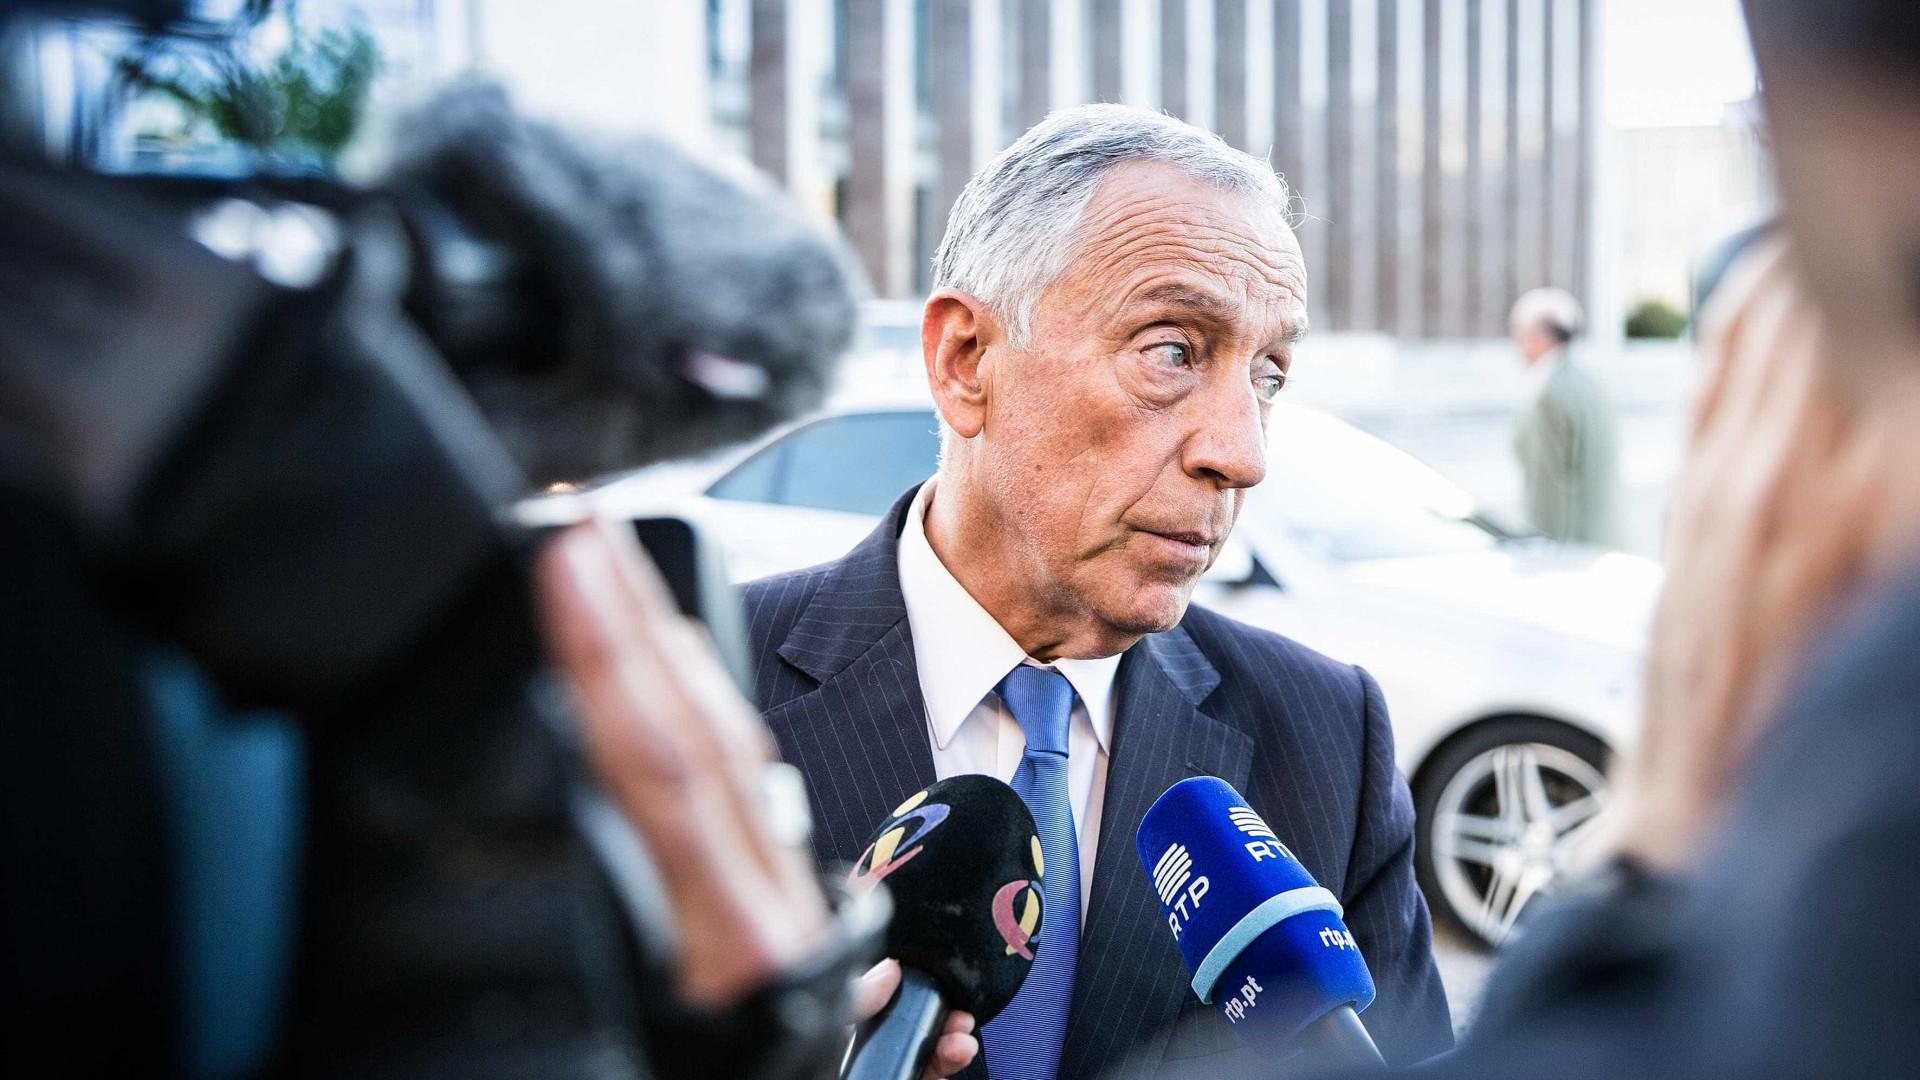 Promulgada lei que proíbe pagamentos em dinheiro superiores a 3 mil euros